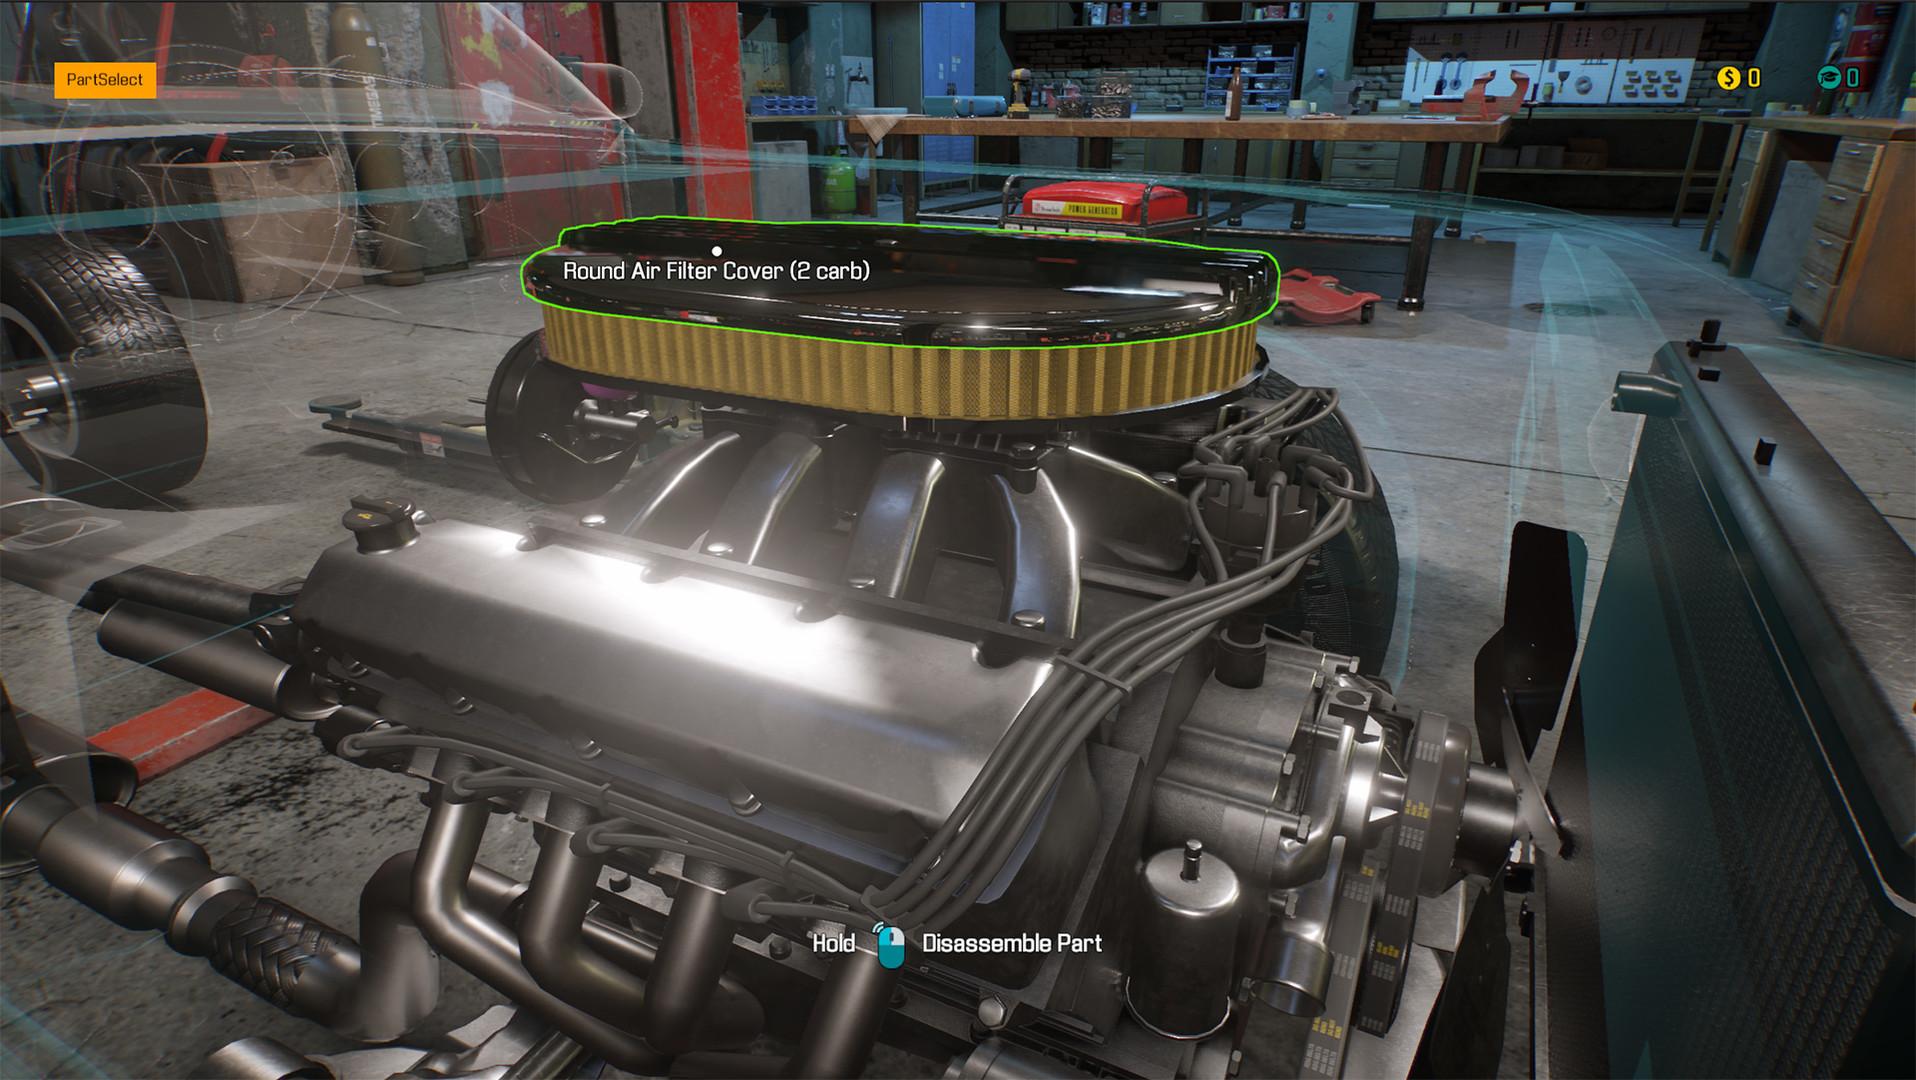 Car Mechanic Simulator 2018 Mods Mods For Games >> Car Mechanic Simulator 2018 Download PC Game + Crack + Torrent